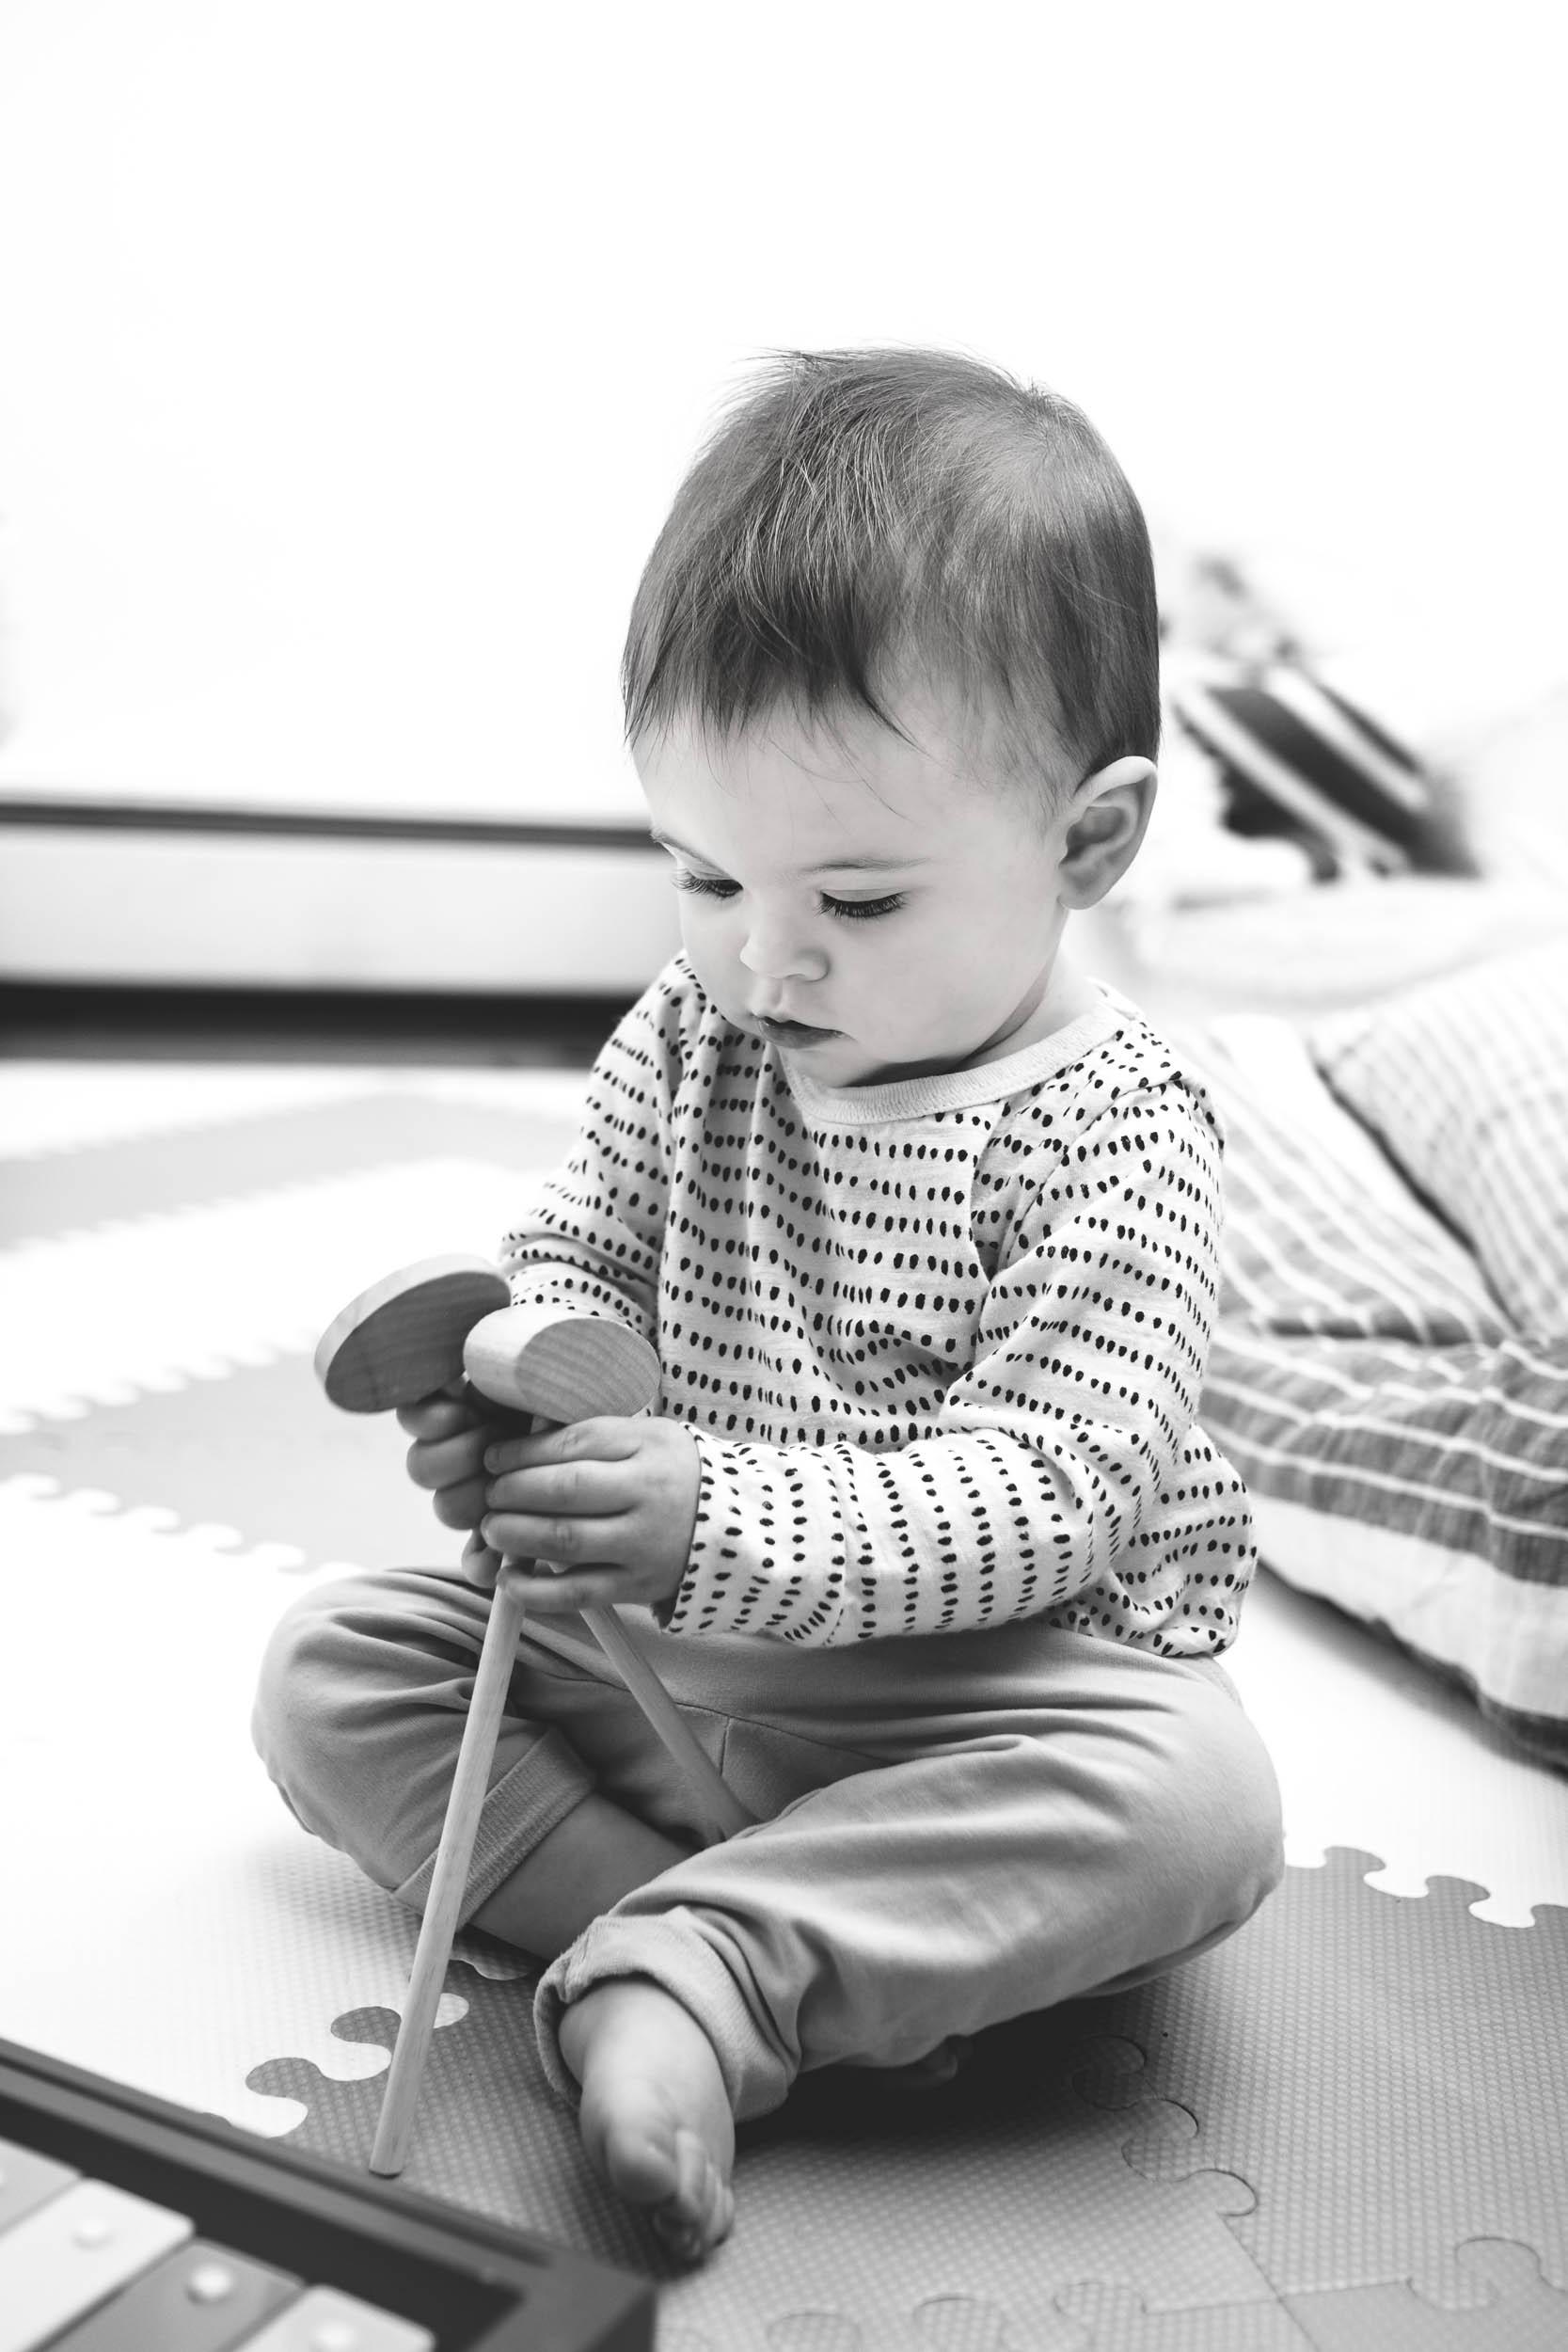 Kristen-Humbert-Family-Photoshoot-Philadelphia_Ruby-James-W-7312-2.jpg